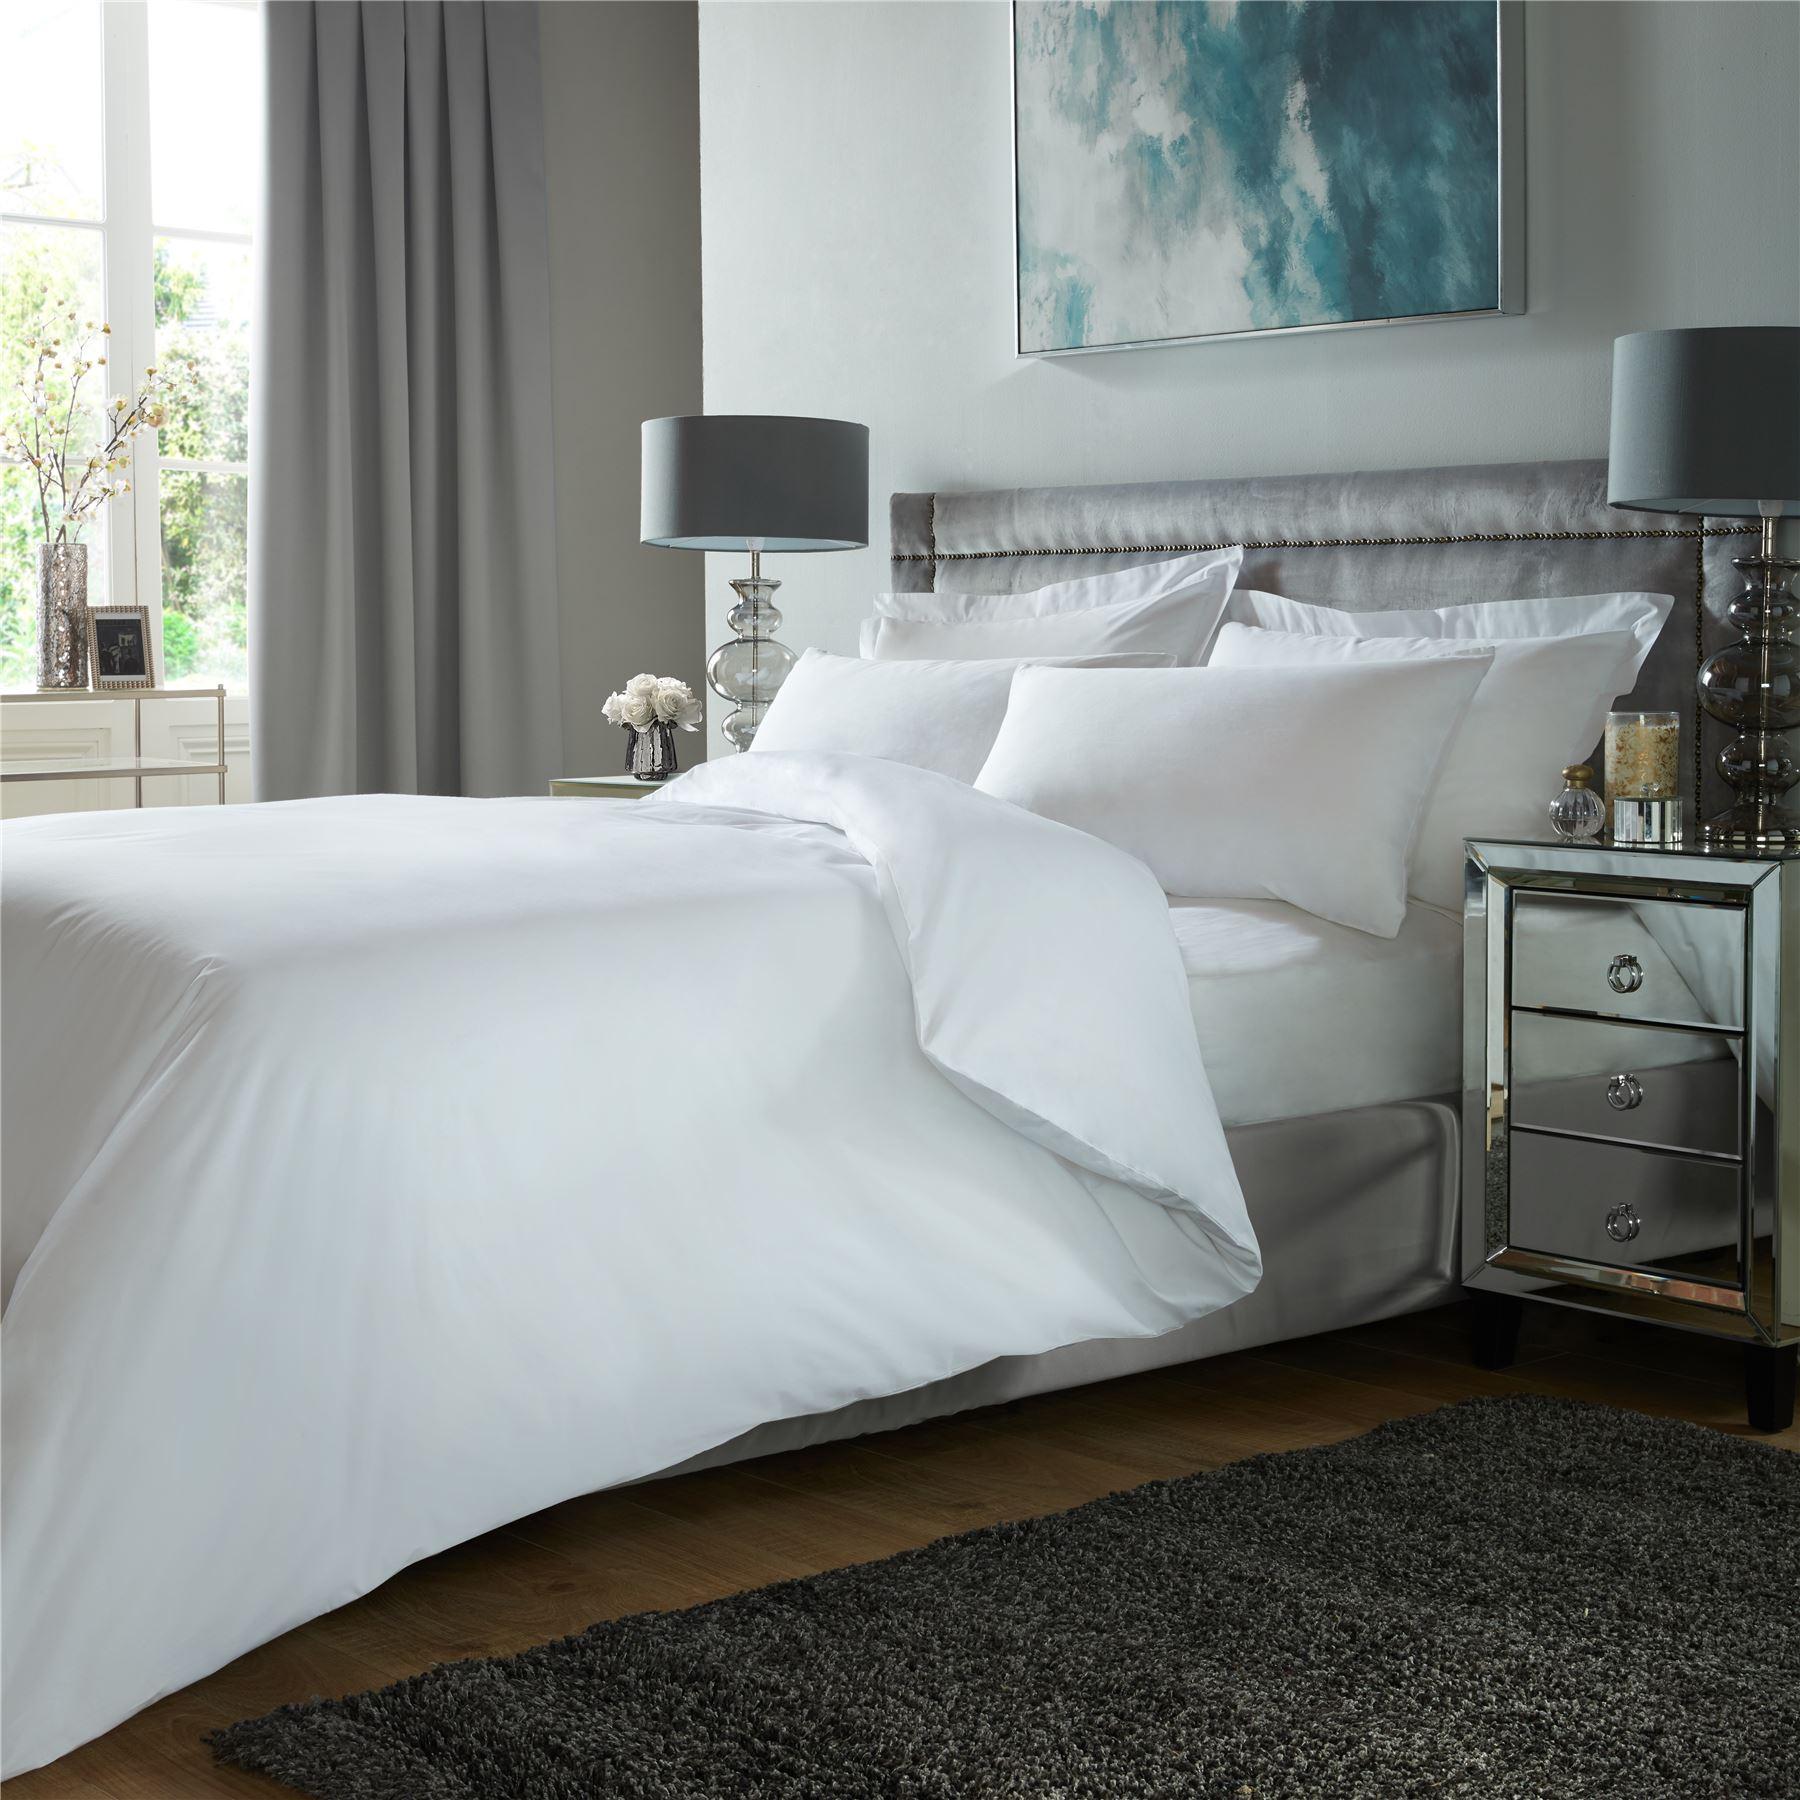 De-Lujo-400TC-conjunto-de-funda-de-edredon-100-Algodon-Egipcio-ropa-de-cama-funda-de-almohada-tenida miniatura 23